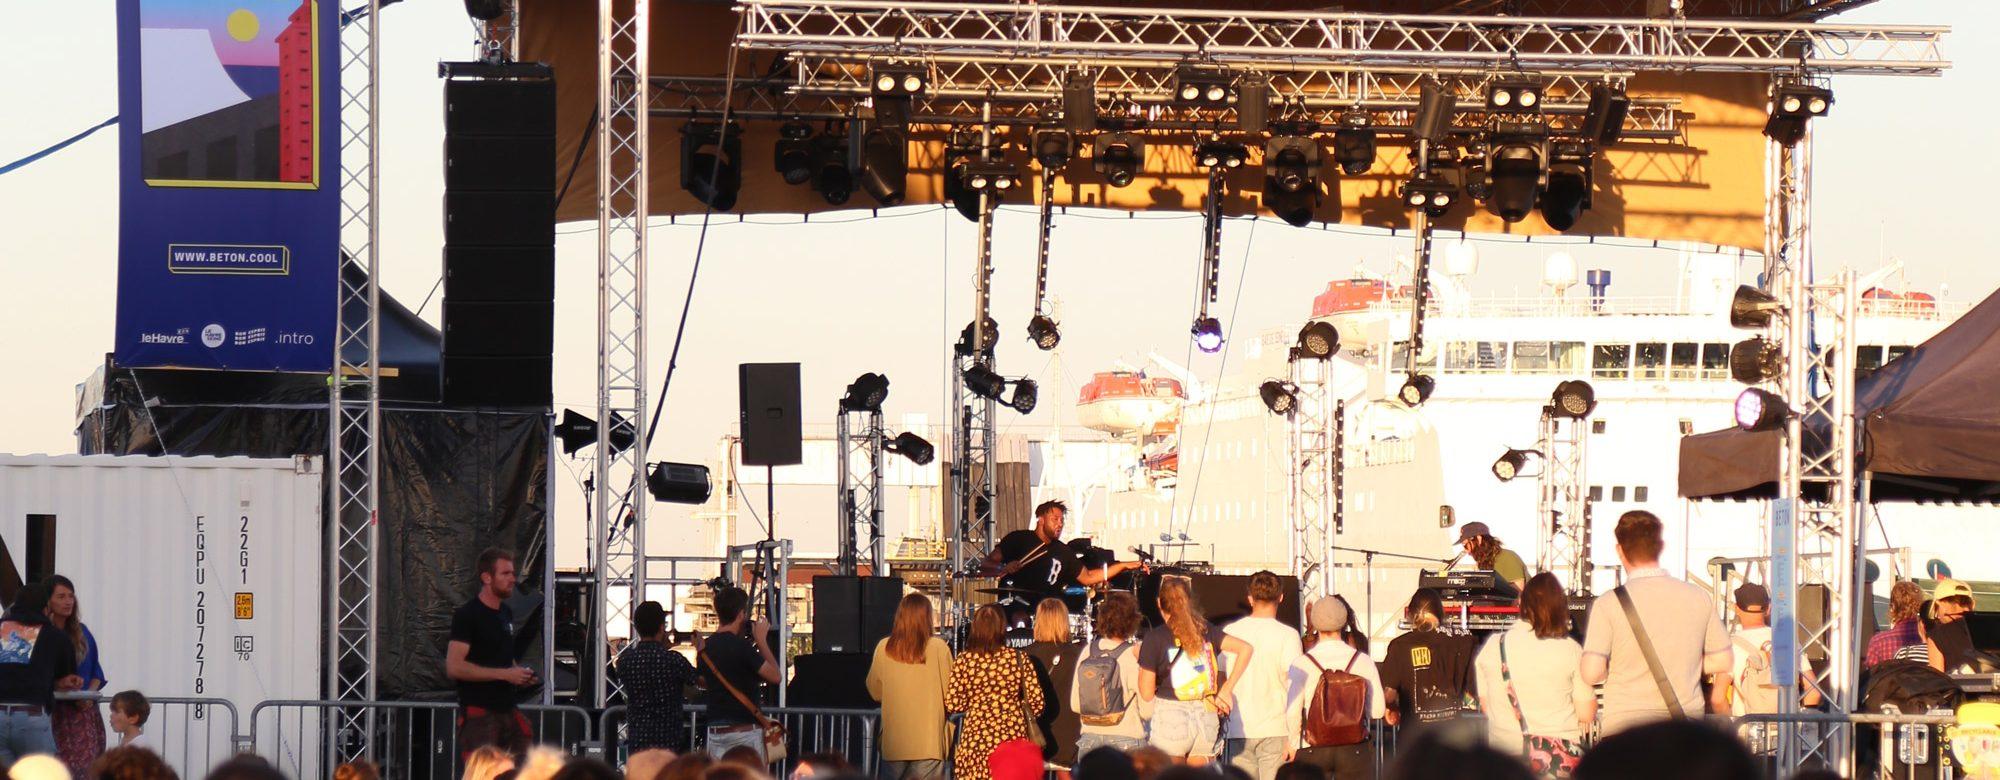 Le Havre festival architecture food musique Béton